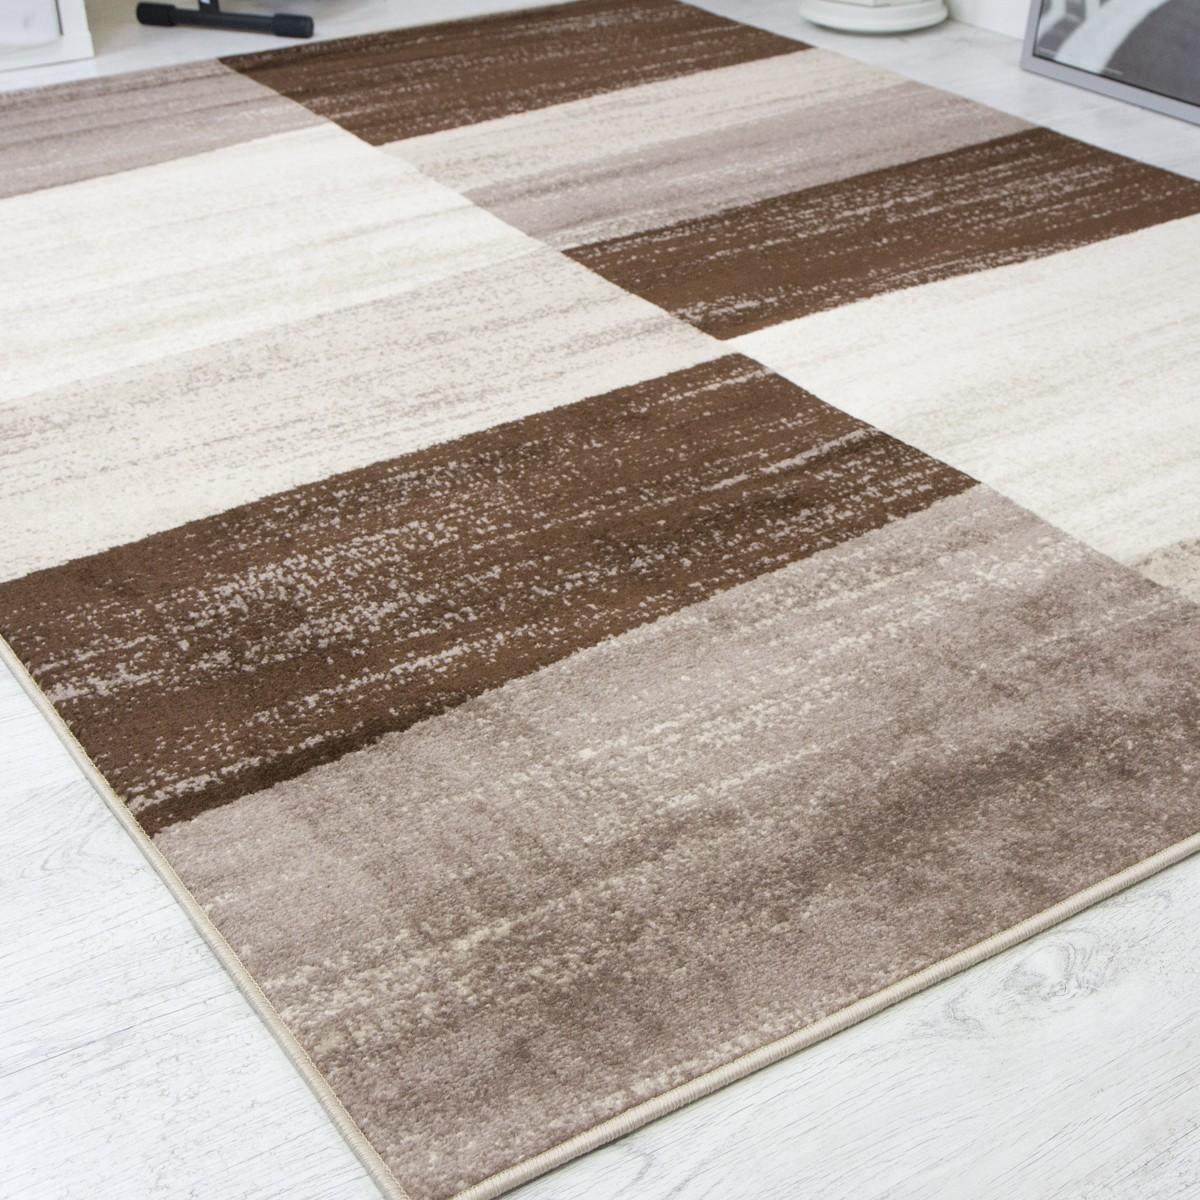 moderner designer wohnzimmer teppich geometrisches muster meliert verschiedene farben r9119 - Teppich Geometrisches Muster